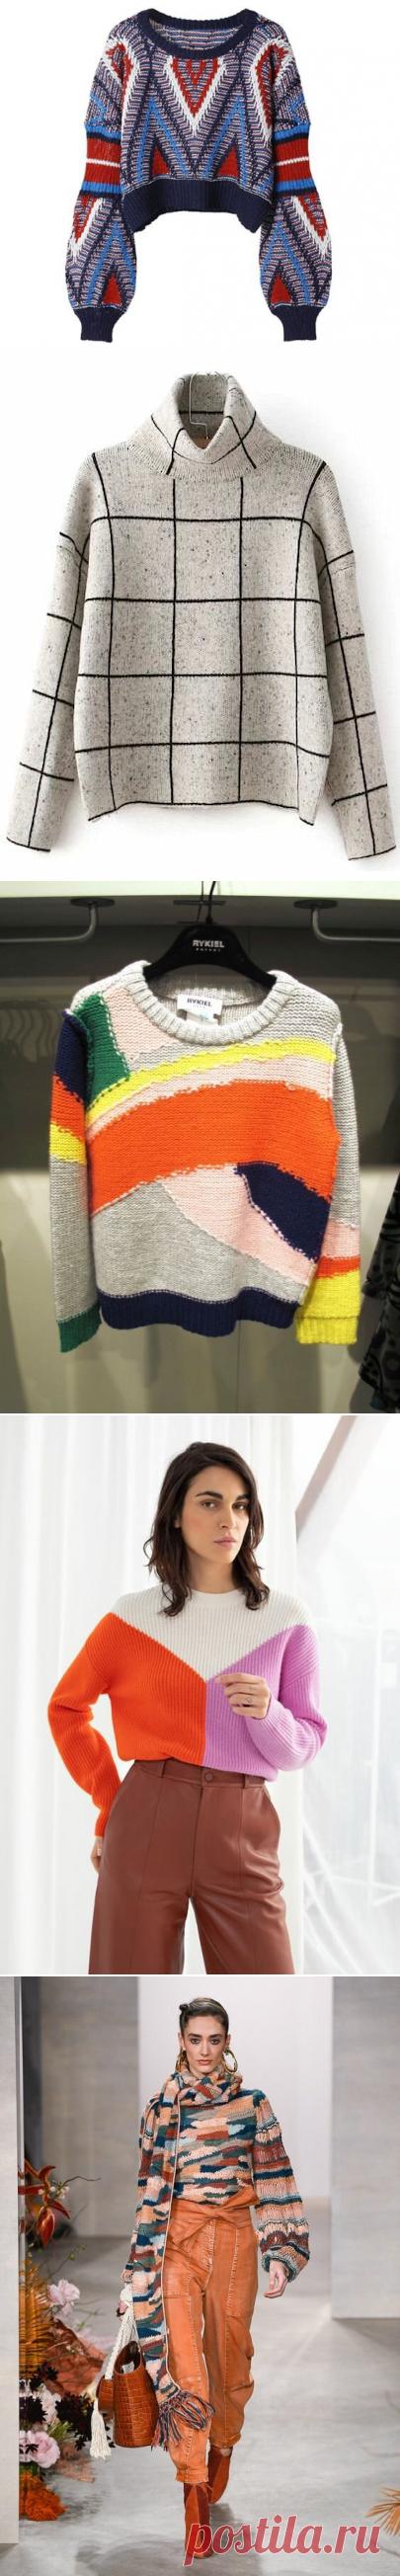 Свитер осень-зима 2020: трендовые модели, фасоны и цвета | Fashion girls | Яндекс Дзен